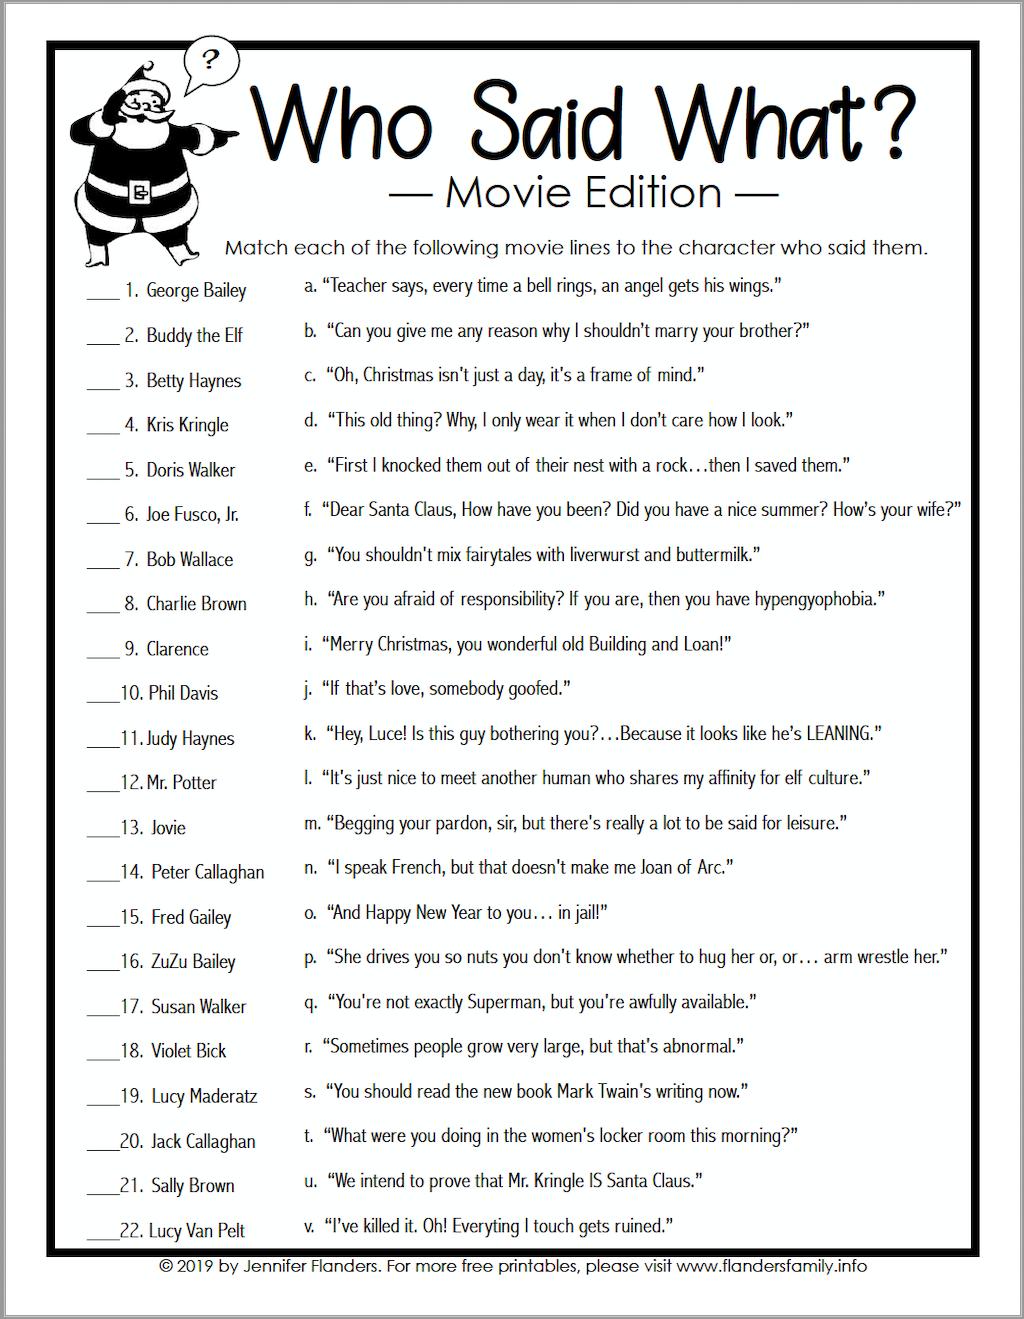 Who Said What Movie B&W